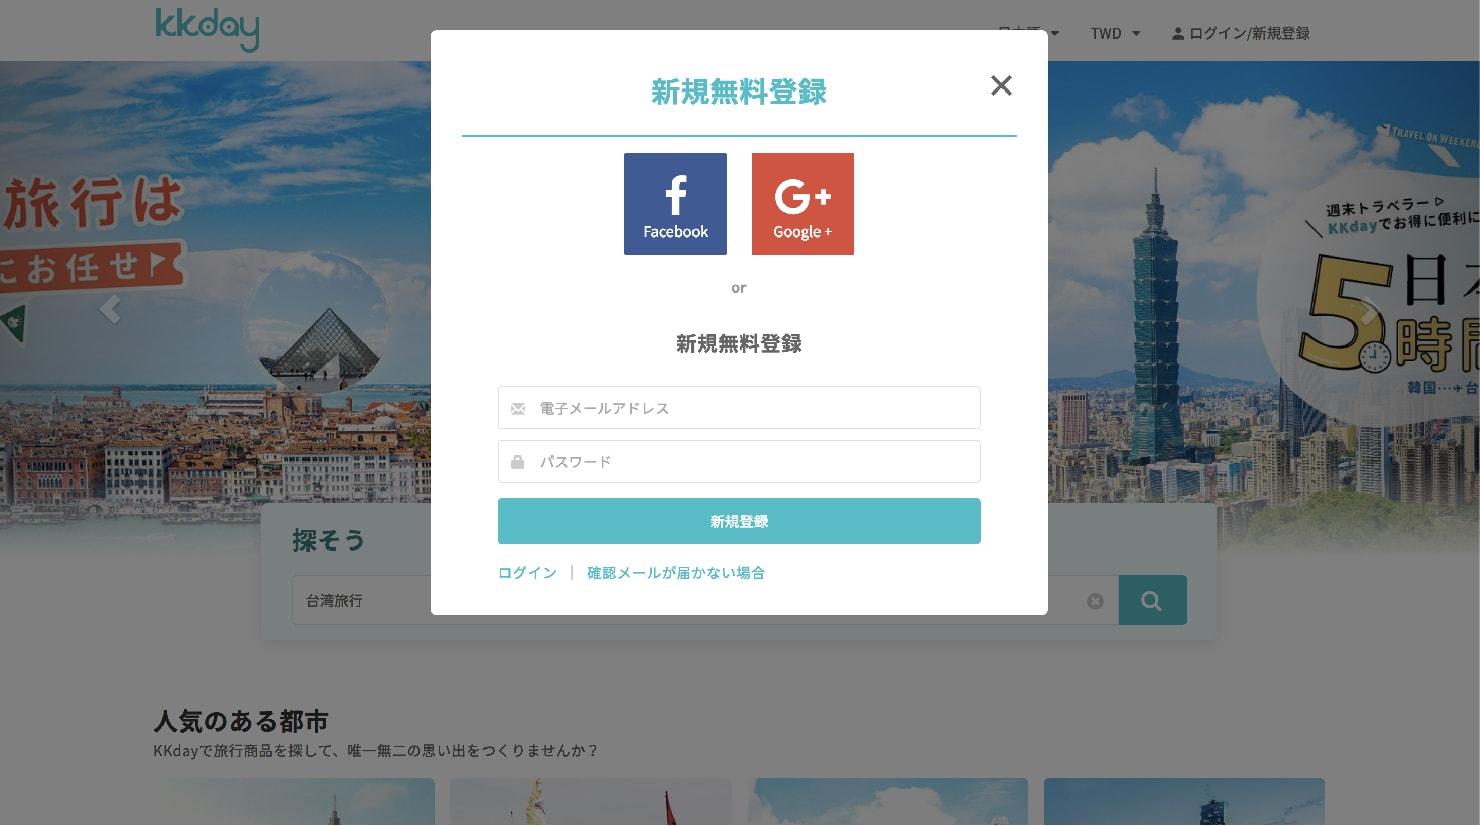 KKday台湾旅行・出張撮影サービスの予約画面10